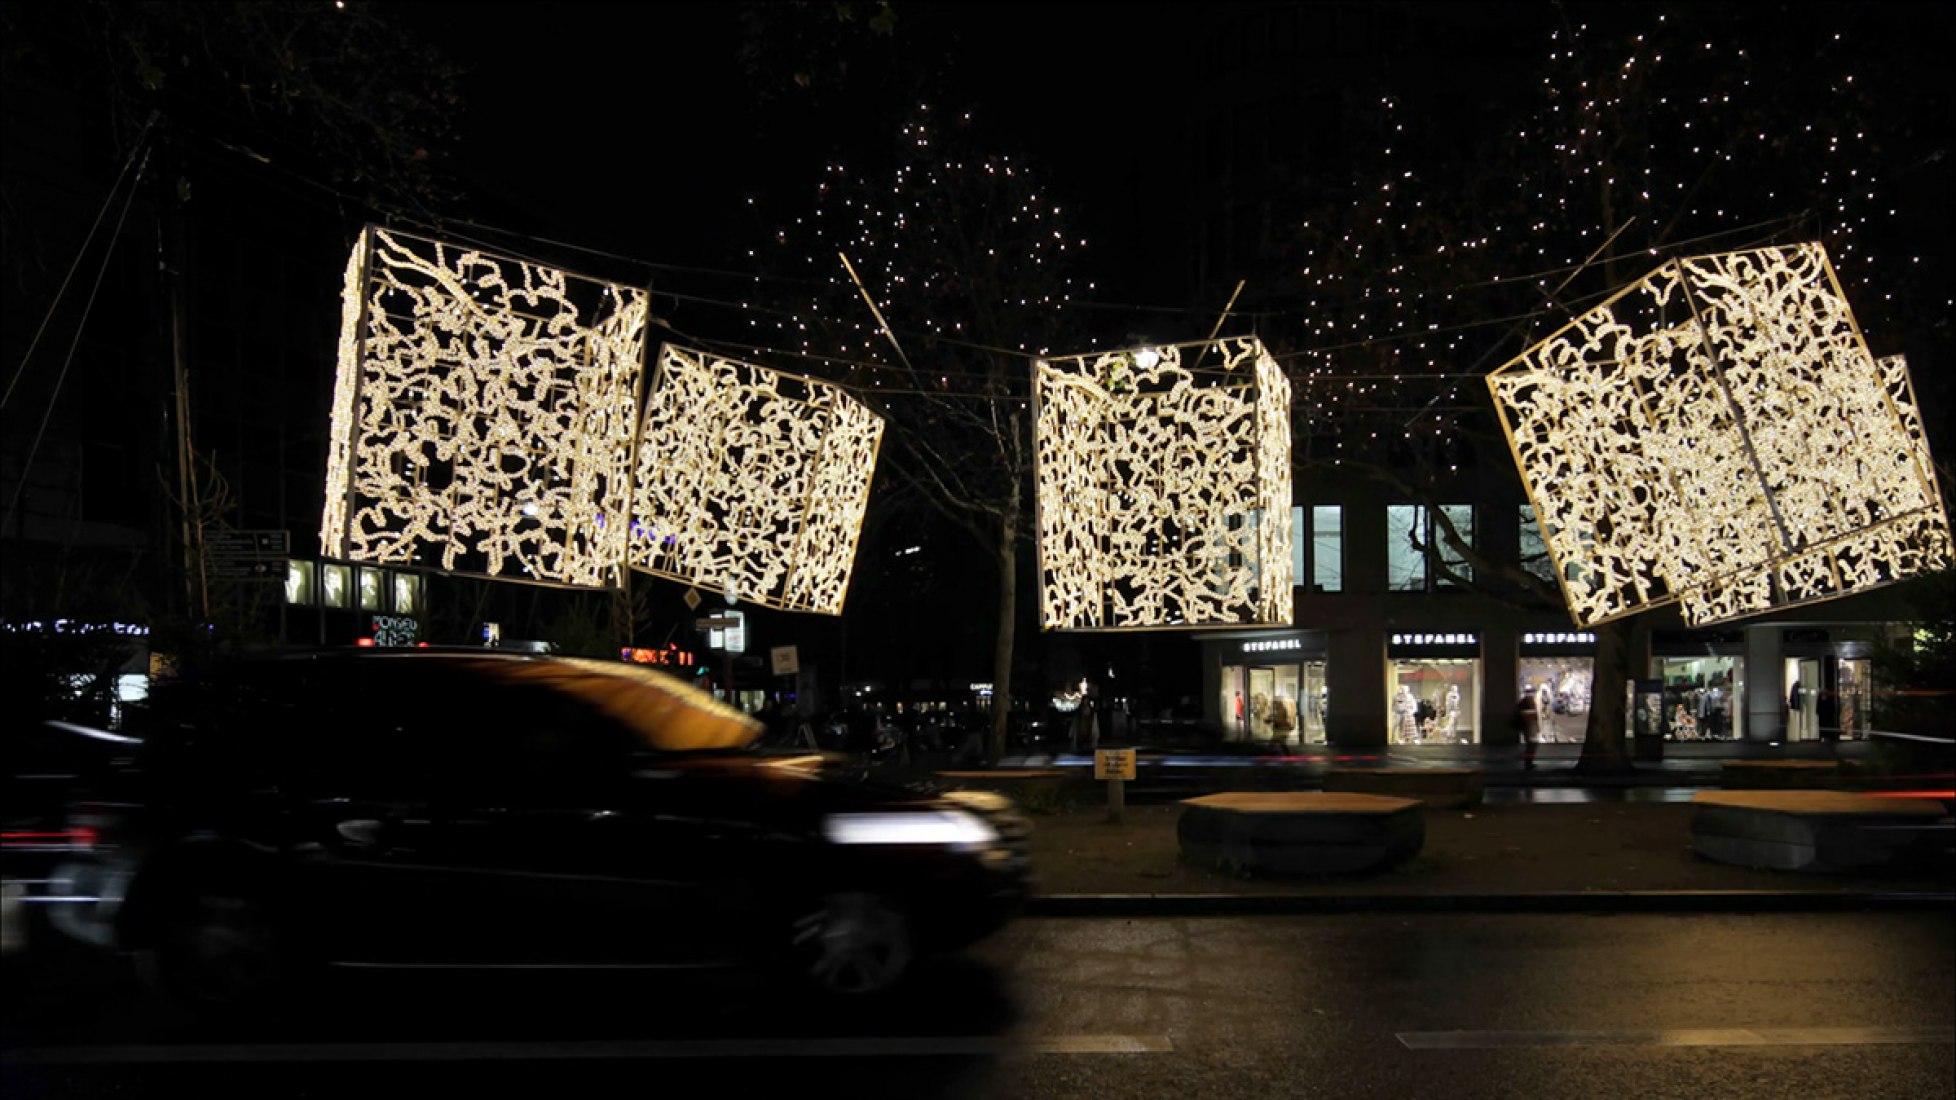 Corte de vídeo. Luces de Navidad en Berlín 2013 por Brut Deluxe. Vídeo por ImagenSubliminal.